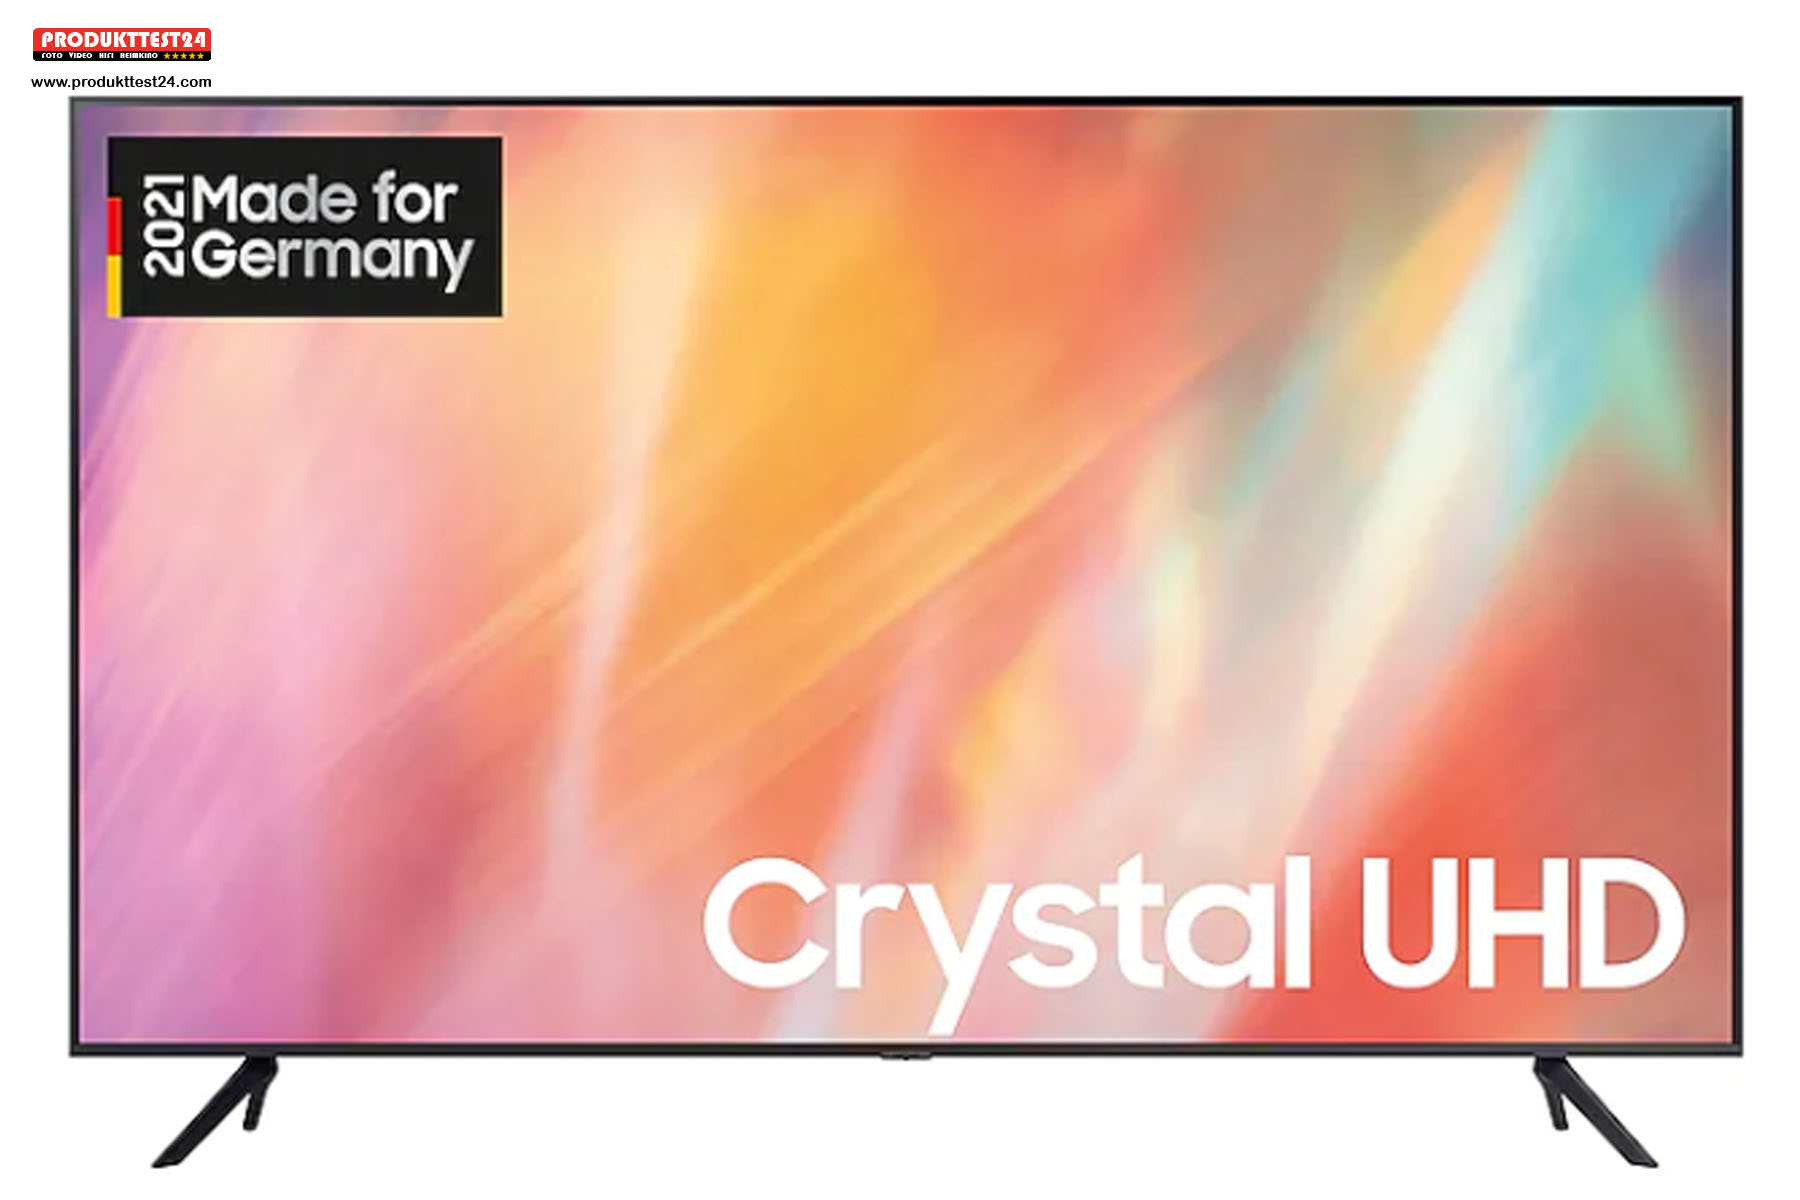 55 Zoll Bilddiagonale, Tizen 6.0 SmartTV, Sprachsteuerung und Triple Tuner